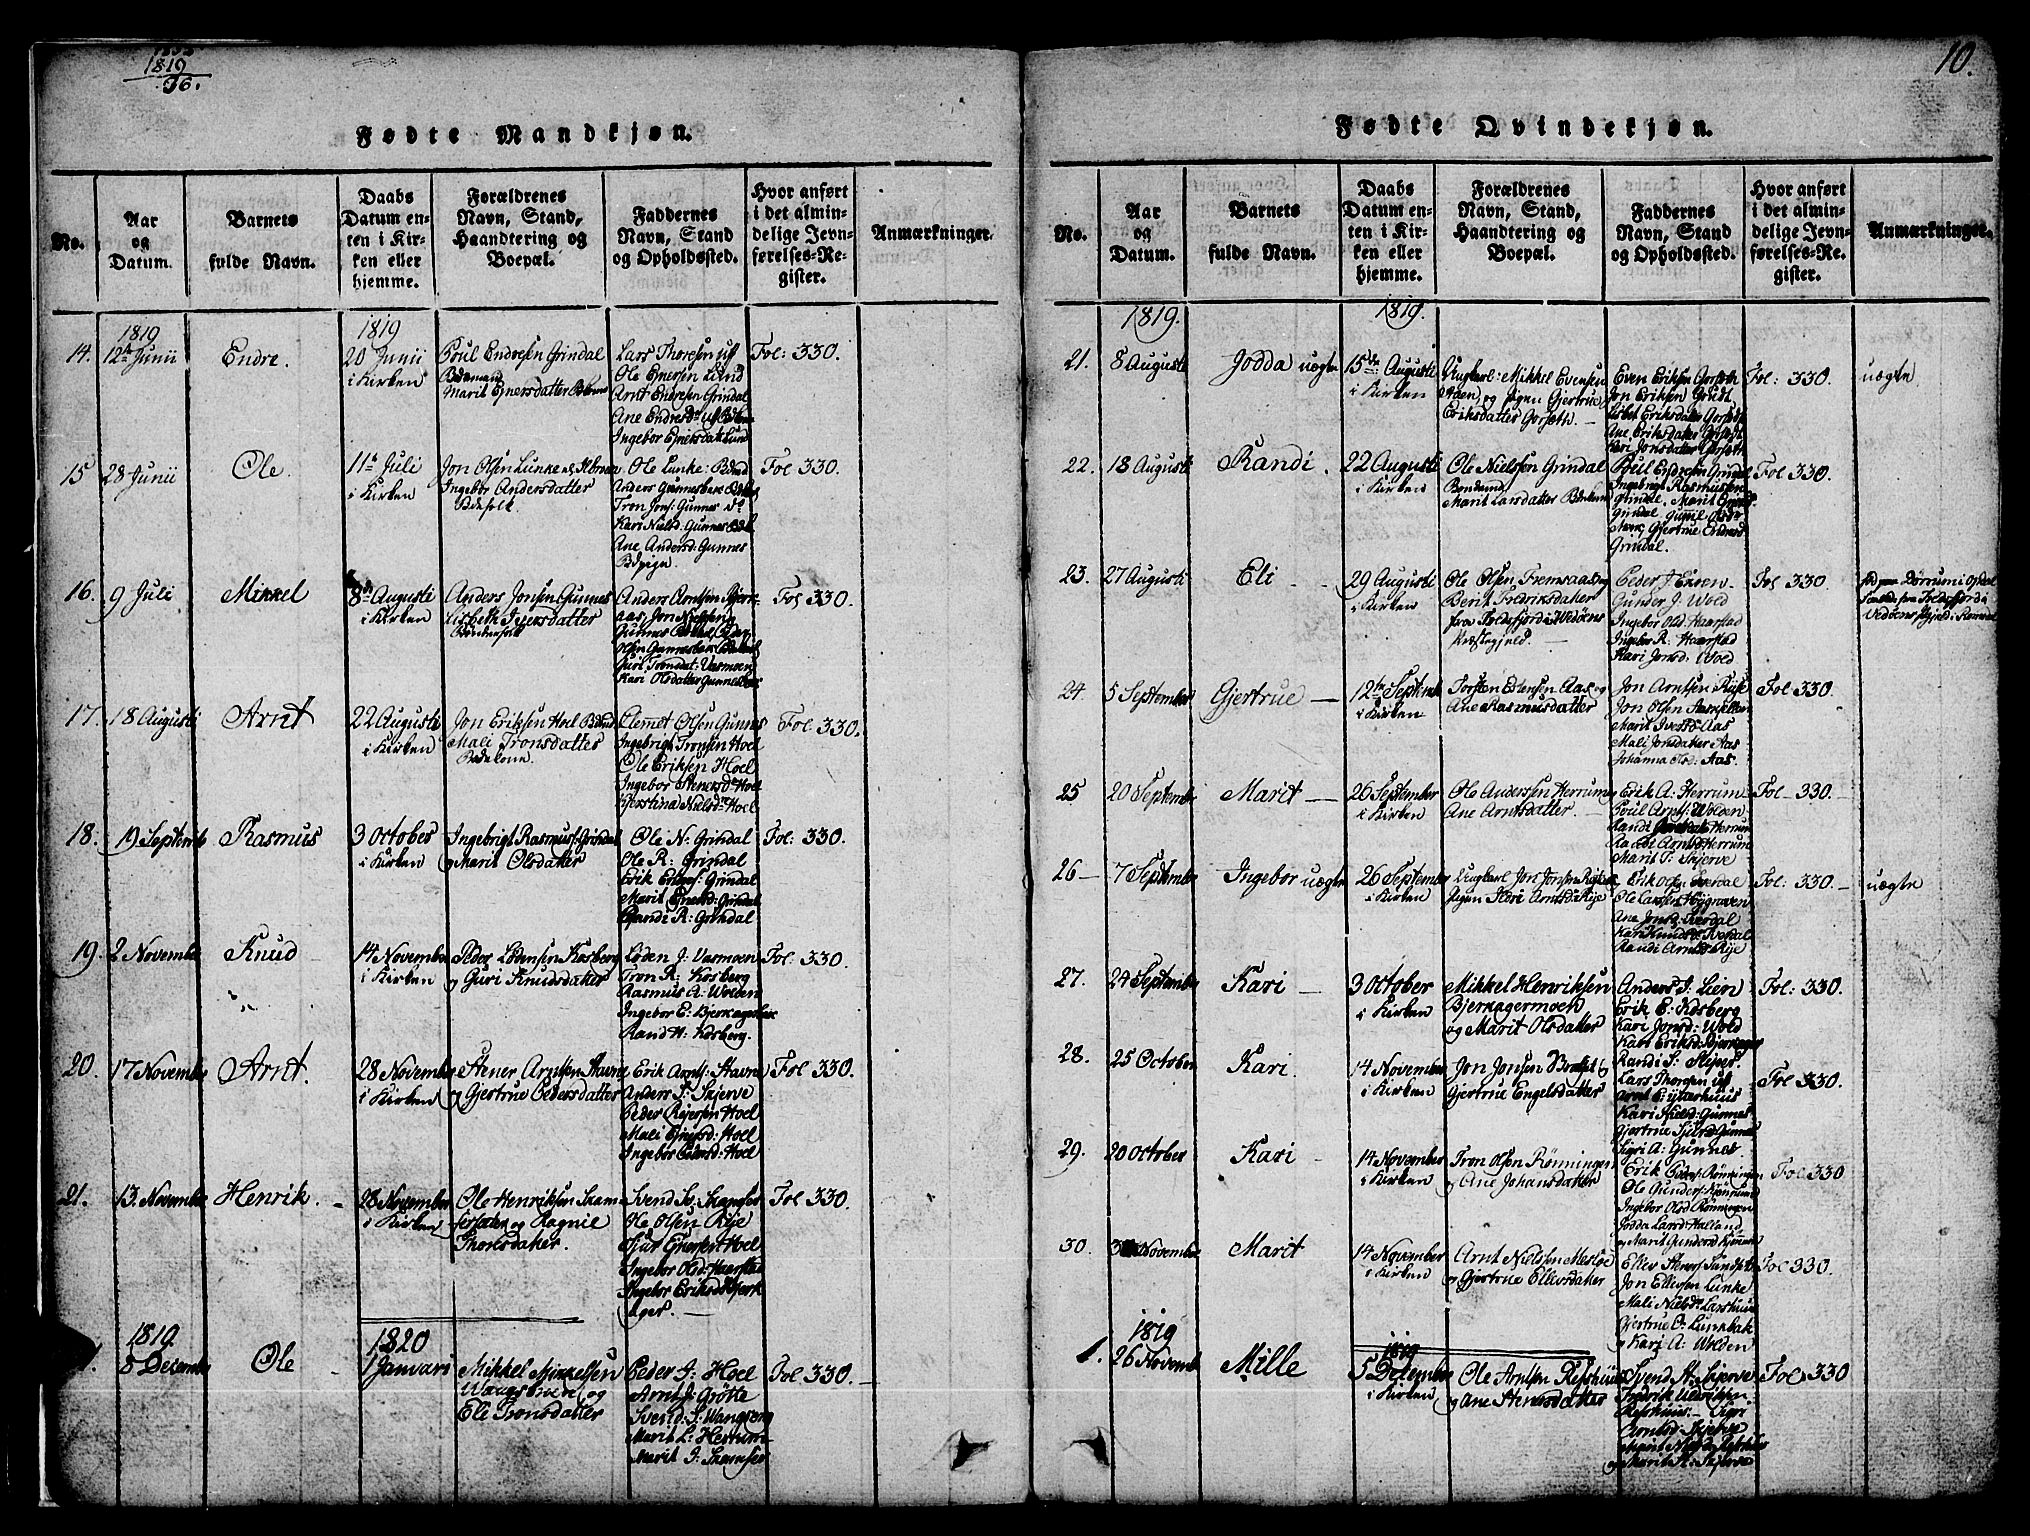 SAT, Ministerialprotokoller, klokkerbøker og fødselsregistre - Sør-Trøndelag, 674/L0874: Klokkerbok nr. 674C01, 1816-1860, s. 10